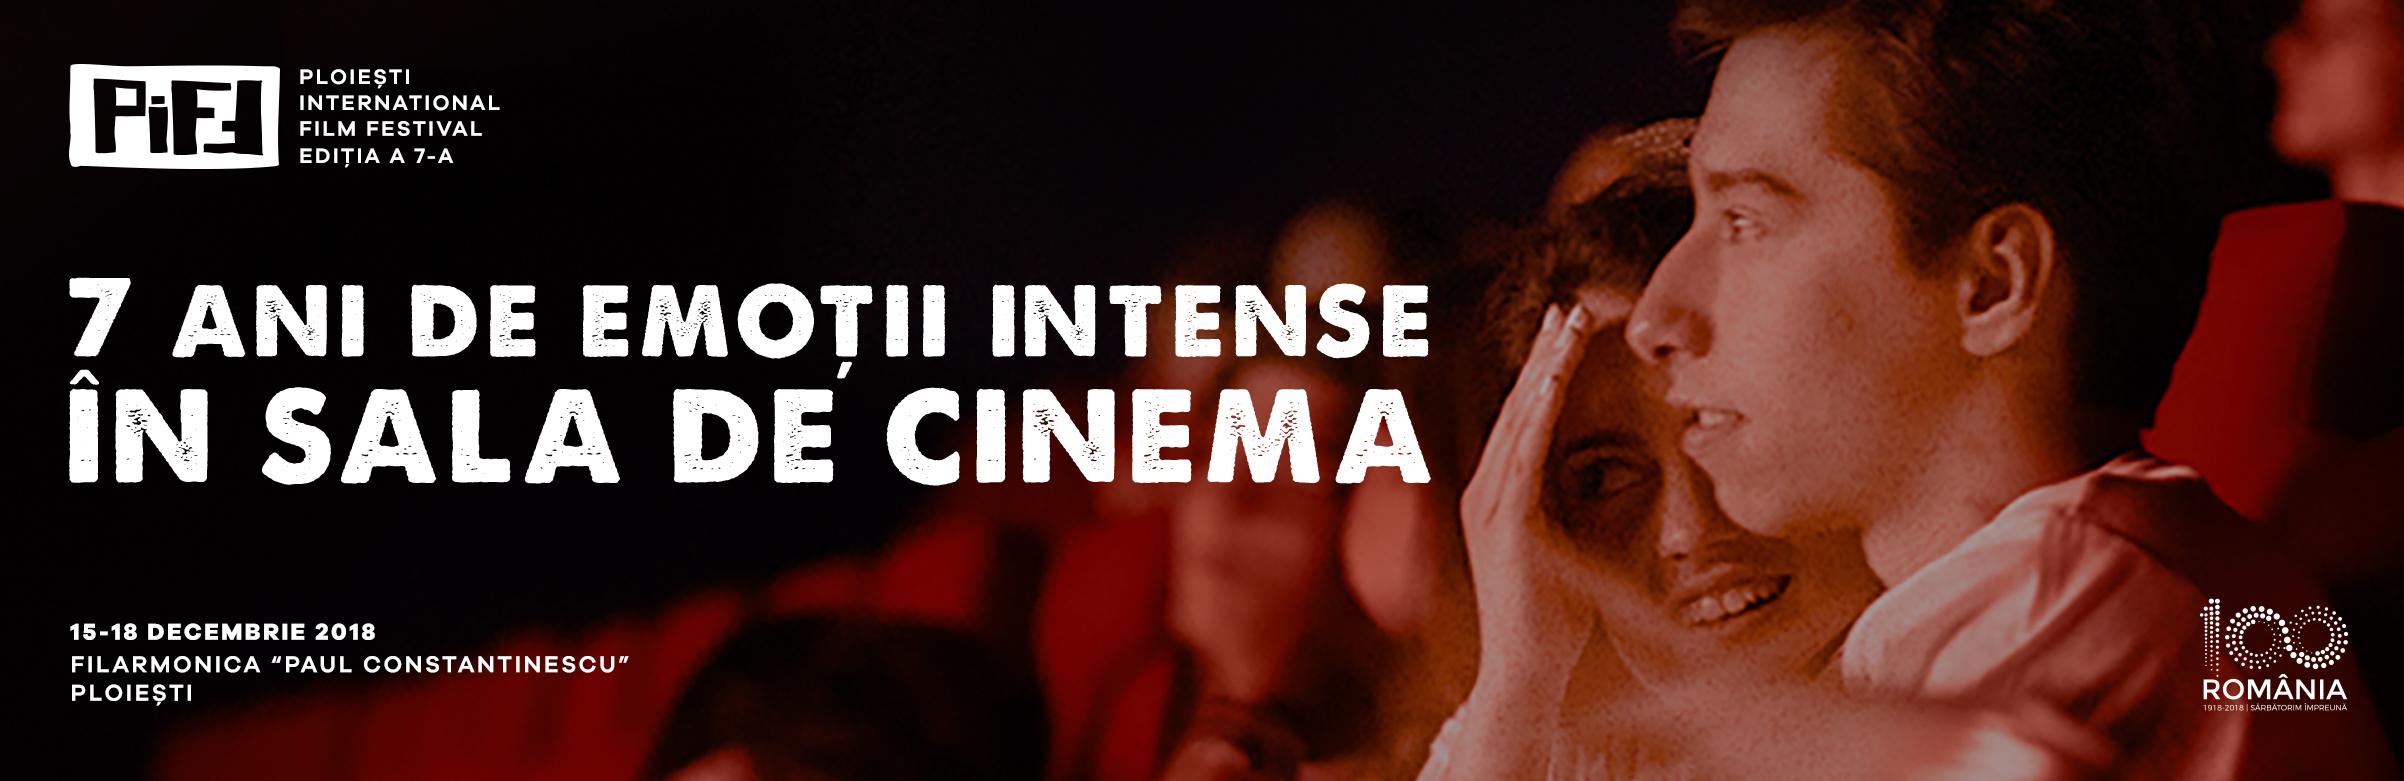 PROGRAM FESTIVALUL INTERNAȚIONAL DE FILM PLOIEȘTI